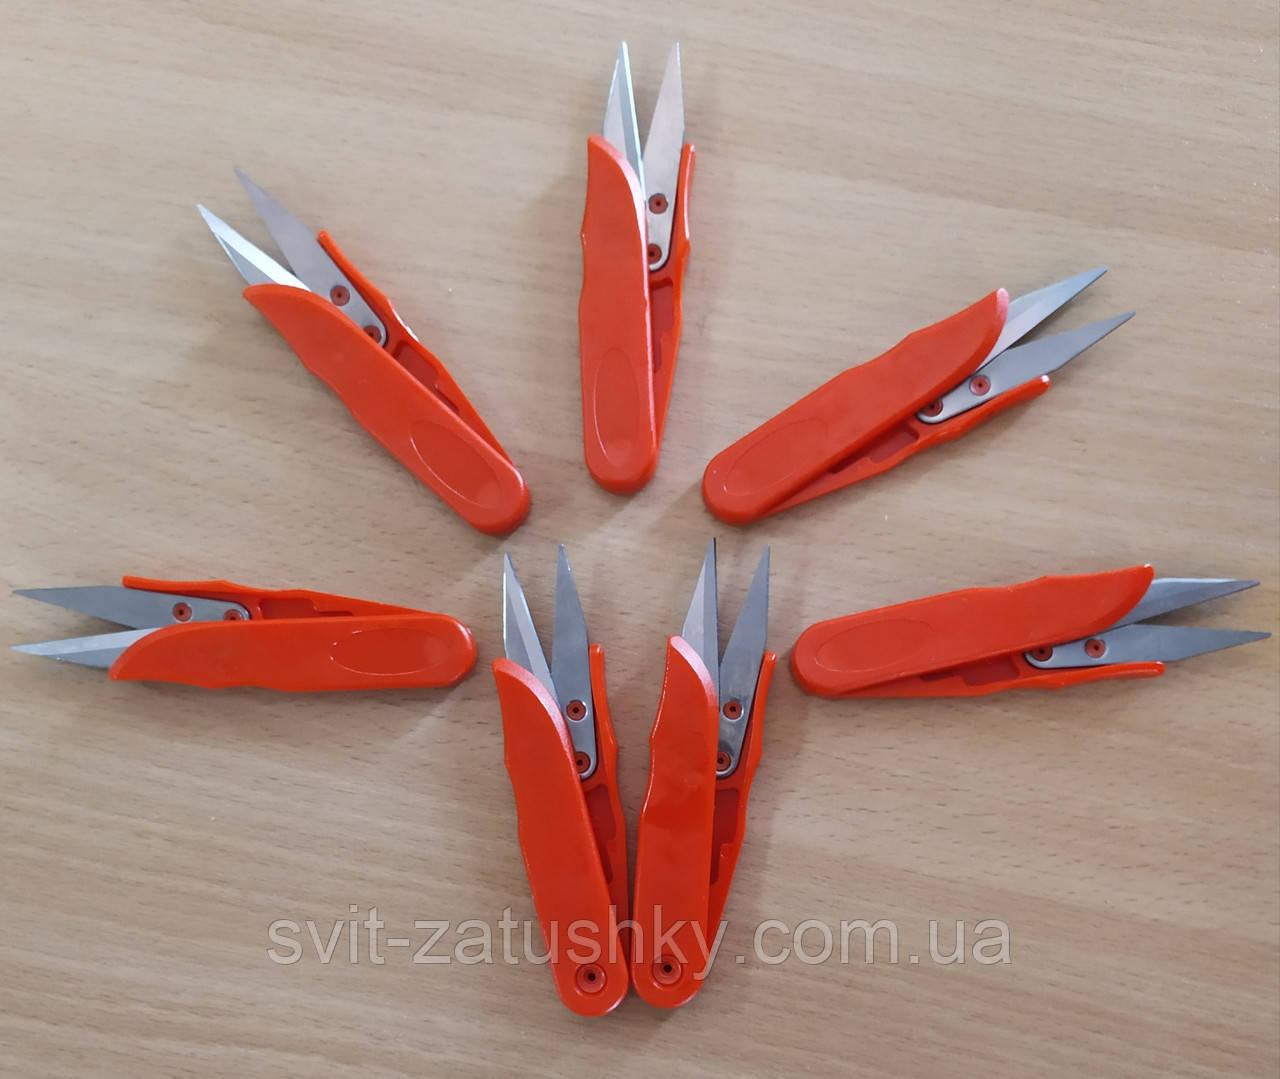 Ножиці для підрізання ниток